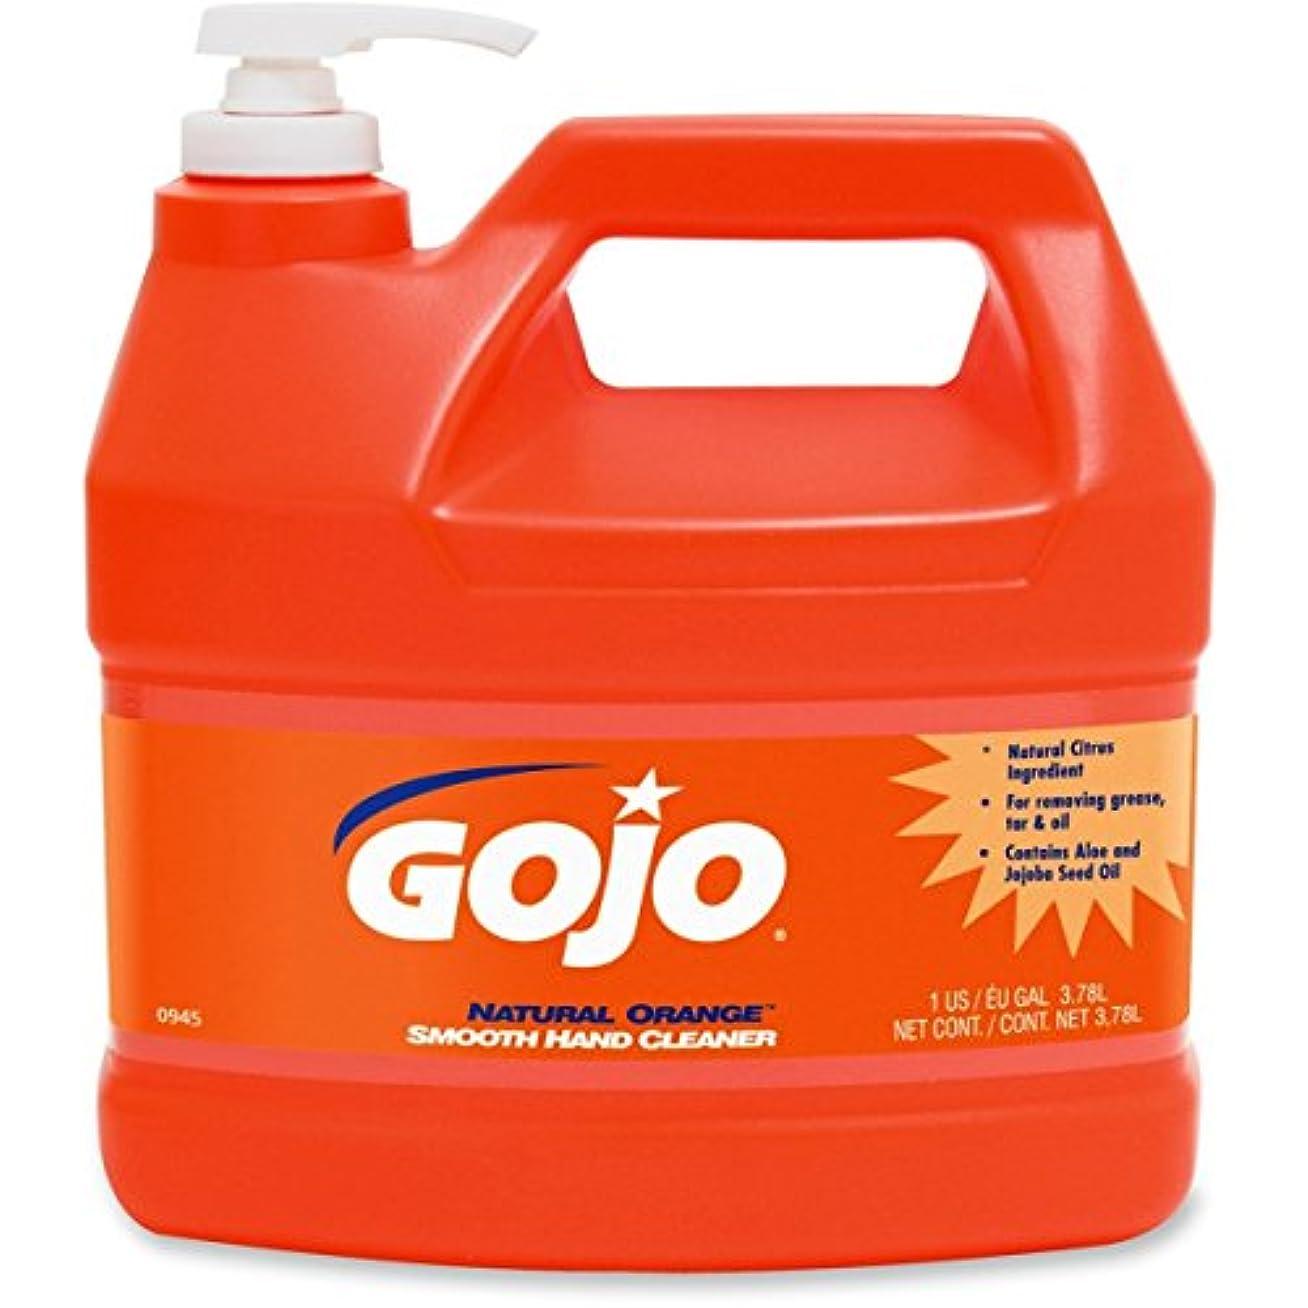 それぞれ禁止私達goj094504 – GOJOナチュラルオレンジSmooth heavy-duty Hand Cleaner